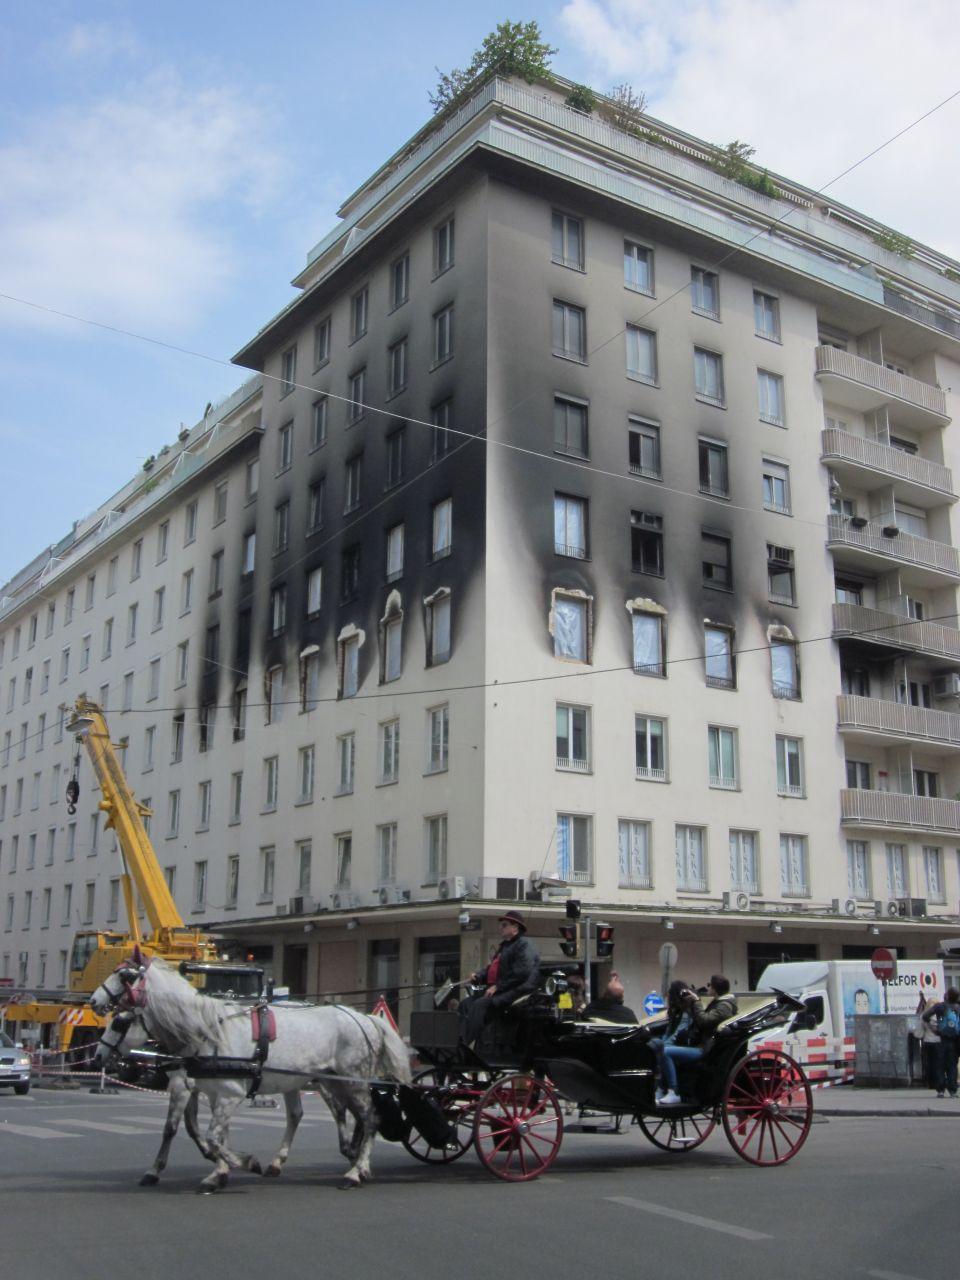 Brandanschlag auf Wohnhaus am Hohen Markt